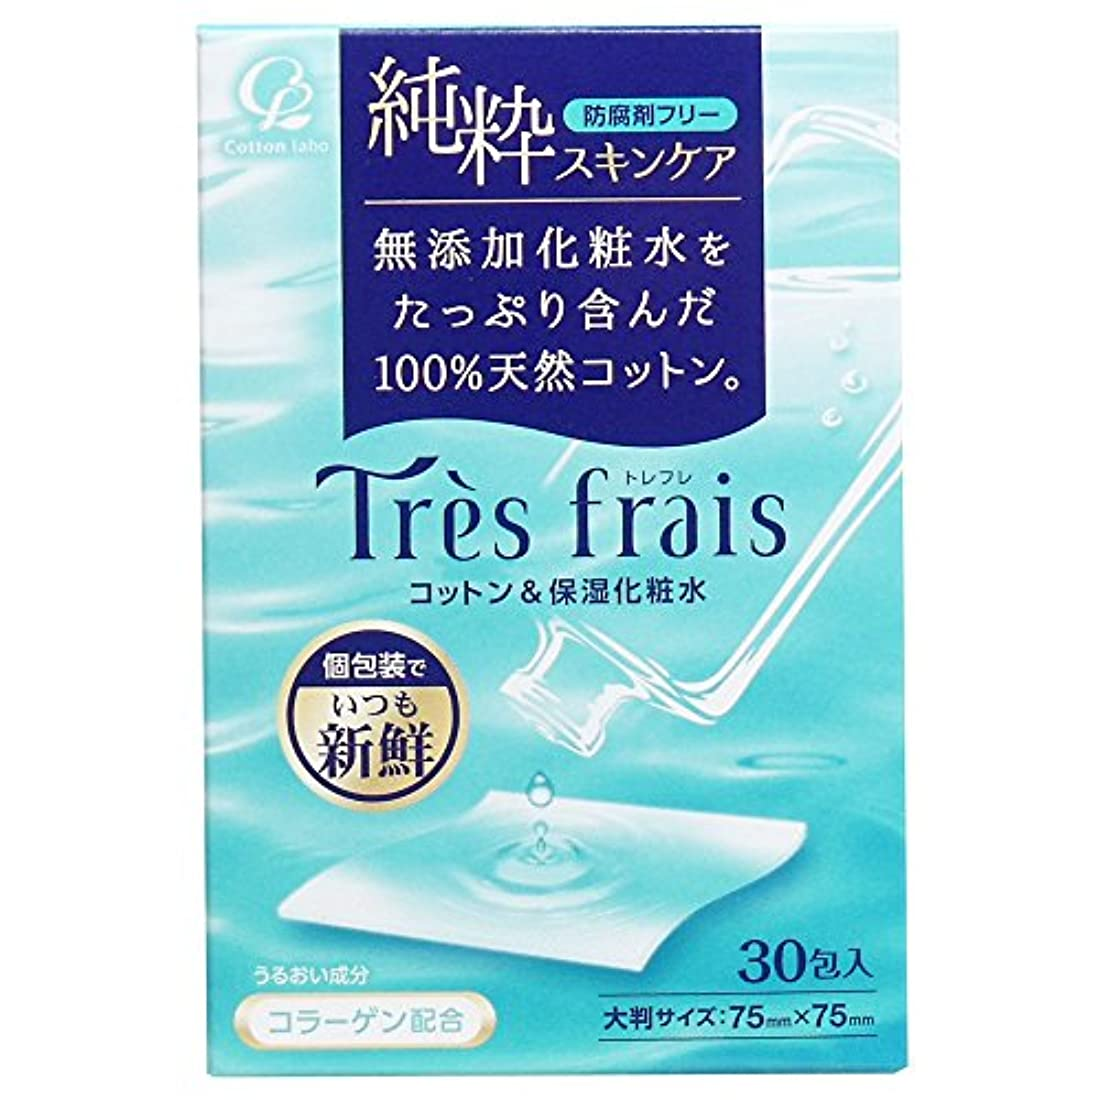 ムスヒギンズ幻滅トレフレ コットン&保湿化粧水 30包